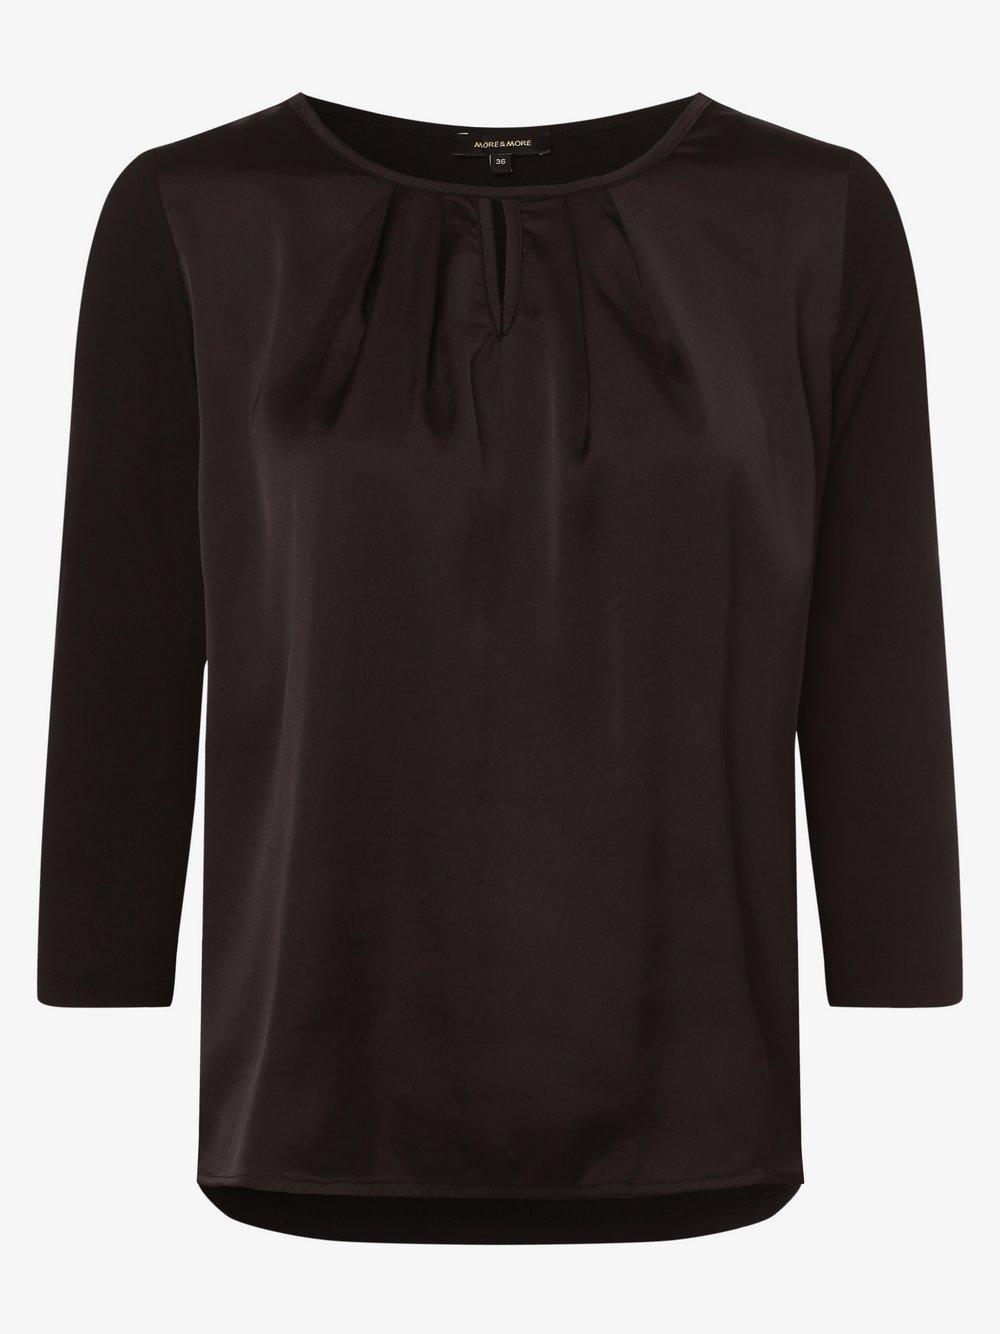 More & More – Damska koszulka z długim rękawem, czarny Van Graaf 481600-0002-00360